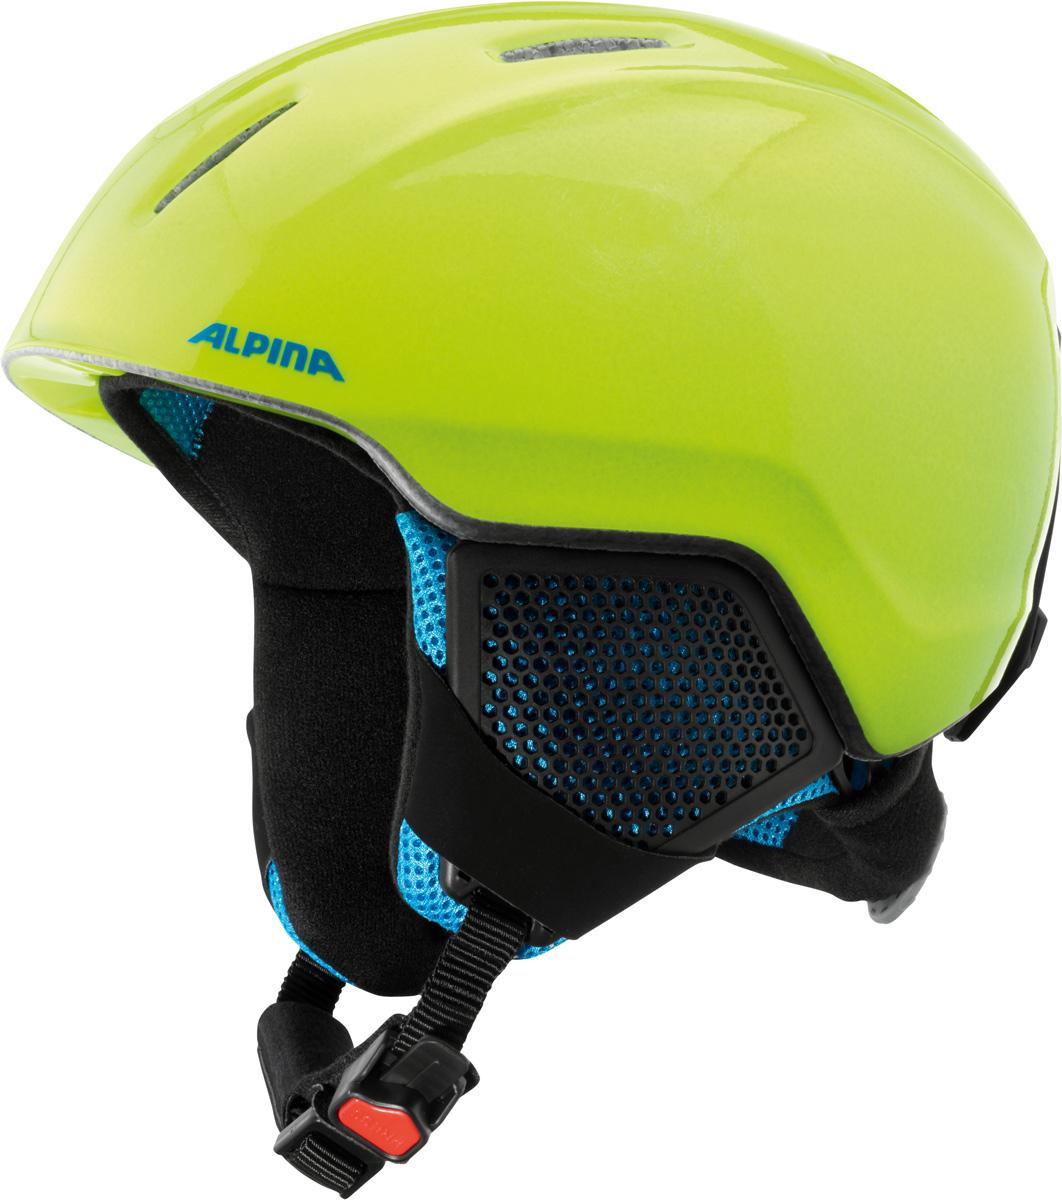 Шлем горнолыжный детский Alpina Carat LX, цвет: желтый. A9081_40. Размер 48-52A9062_31Серия детских и подростковых шлемов Carat пополнилась моделью LX. Главным нововведением стало использование перфорации в жестких наушниках, которые по-прежнему обеспечивают высокую степень защиты, но при этом позволяют слышать все вокруг. Вентиляционные отверстия препятствуют перегреву и позволяют поддерживать идеальную температуру внутри шлема. Для этого инженеры Alpina используют эффект Вентури, чтобы сделать циркуляцию воздуха постоянной и максимально эффективной.Внутренник шлема легко вынимается, стирается, сушится и вставляется обратно.Из задней части шлема можно достать шейный утеплитель из мягкого микро-флиса. Этот теплый воротник также защищает шею от ударов на высокой скорости и при сибирских морозах. В удобной конструкции отсутствуют точки давления на шею.Прочная и легкая конструкция In-mold. Тонкая и прочная поликарбонатная оболочка под воздействием высокой температуры и давления буквально сплавляется с гранулами EPS, которые гасят ударную нагрузку.Внутренняя оболочка каждого шлема Alpina состоит из гранул HI-EPS (сильно вспененного полистирола). Микроскопические воздушные карманы эффективно поглощают ударную нагрузку и обеспечивают высокую теплоизоляцию. Эта технология позволяет достичь минимальной толщины оболочки. А так как гранулы HI-EPS не впитывают влагу, их защитный эффект не ослабевает со временем.Удобная и точная система регулировки Run System Ergo Snow позволяет быстро и комфортно подогнать шлем по голове, без создания отдельных точек избыточного давления.Y-образный ремнераспределитель двух ремешков находится под ухом и обеспечивает быструю и точную посадку шлема на голове.Вместо фастекса на ремешке используется красная кнопка с автоматическим запирающим механизмом, которую легко использовать даже в лыжных перчатках. Механизм защищён от произвольного раскрытия при падении.Как выбрать горные лыжи для ребёнка. Статья OZON Гид